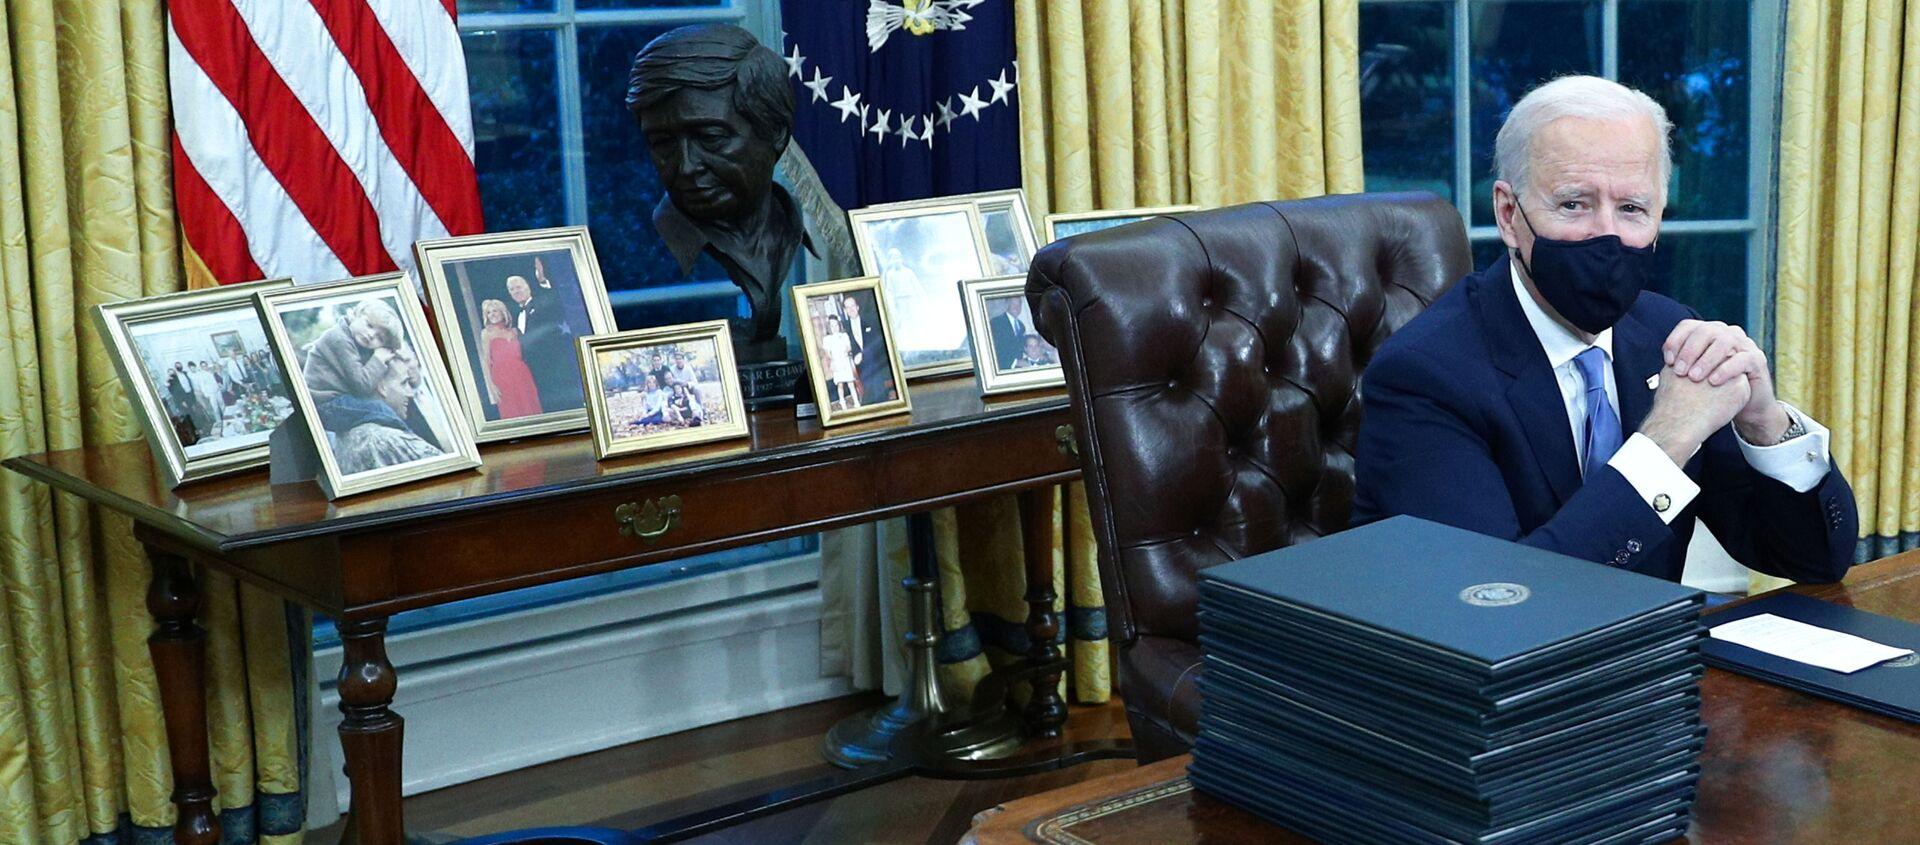 Президент США Джо Байден в Овальном кабинете в Белом доме, 2021 год  - Sputnik Беларусь, 1920, 11.02.2021